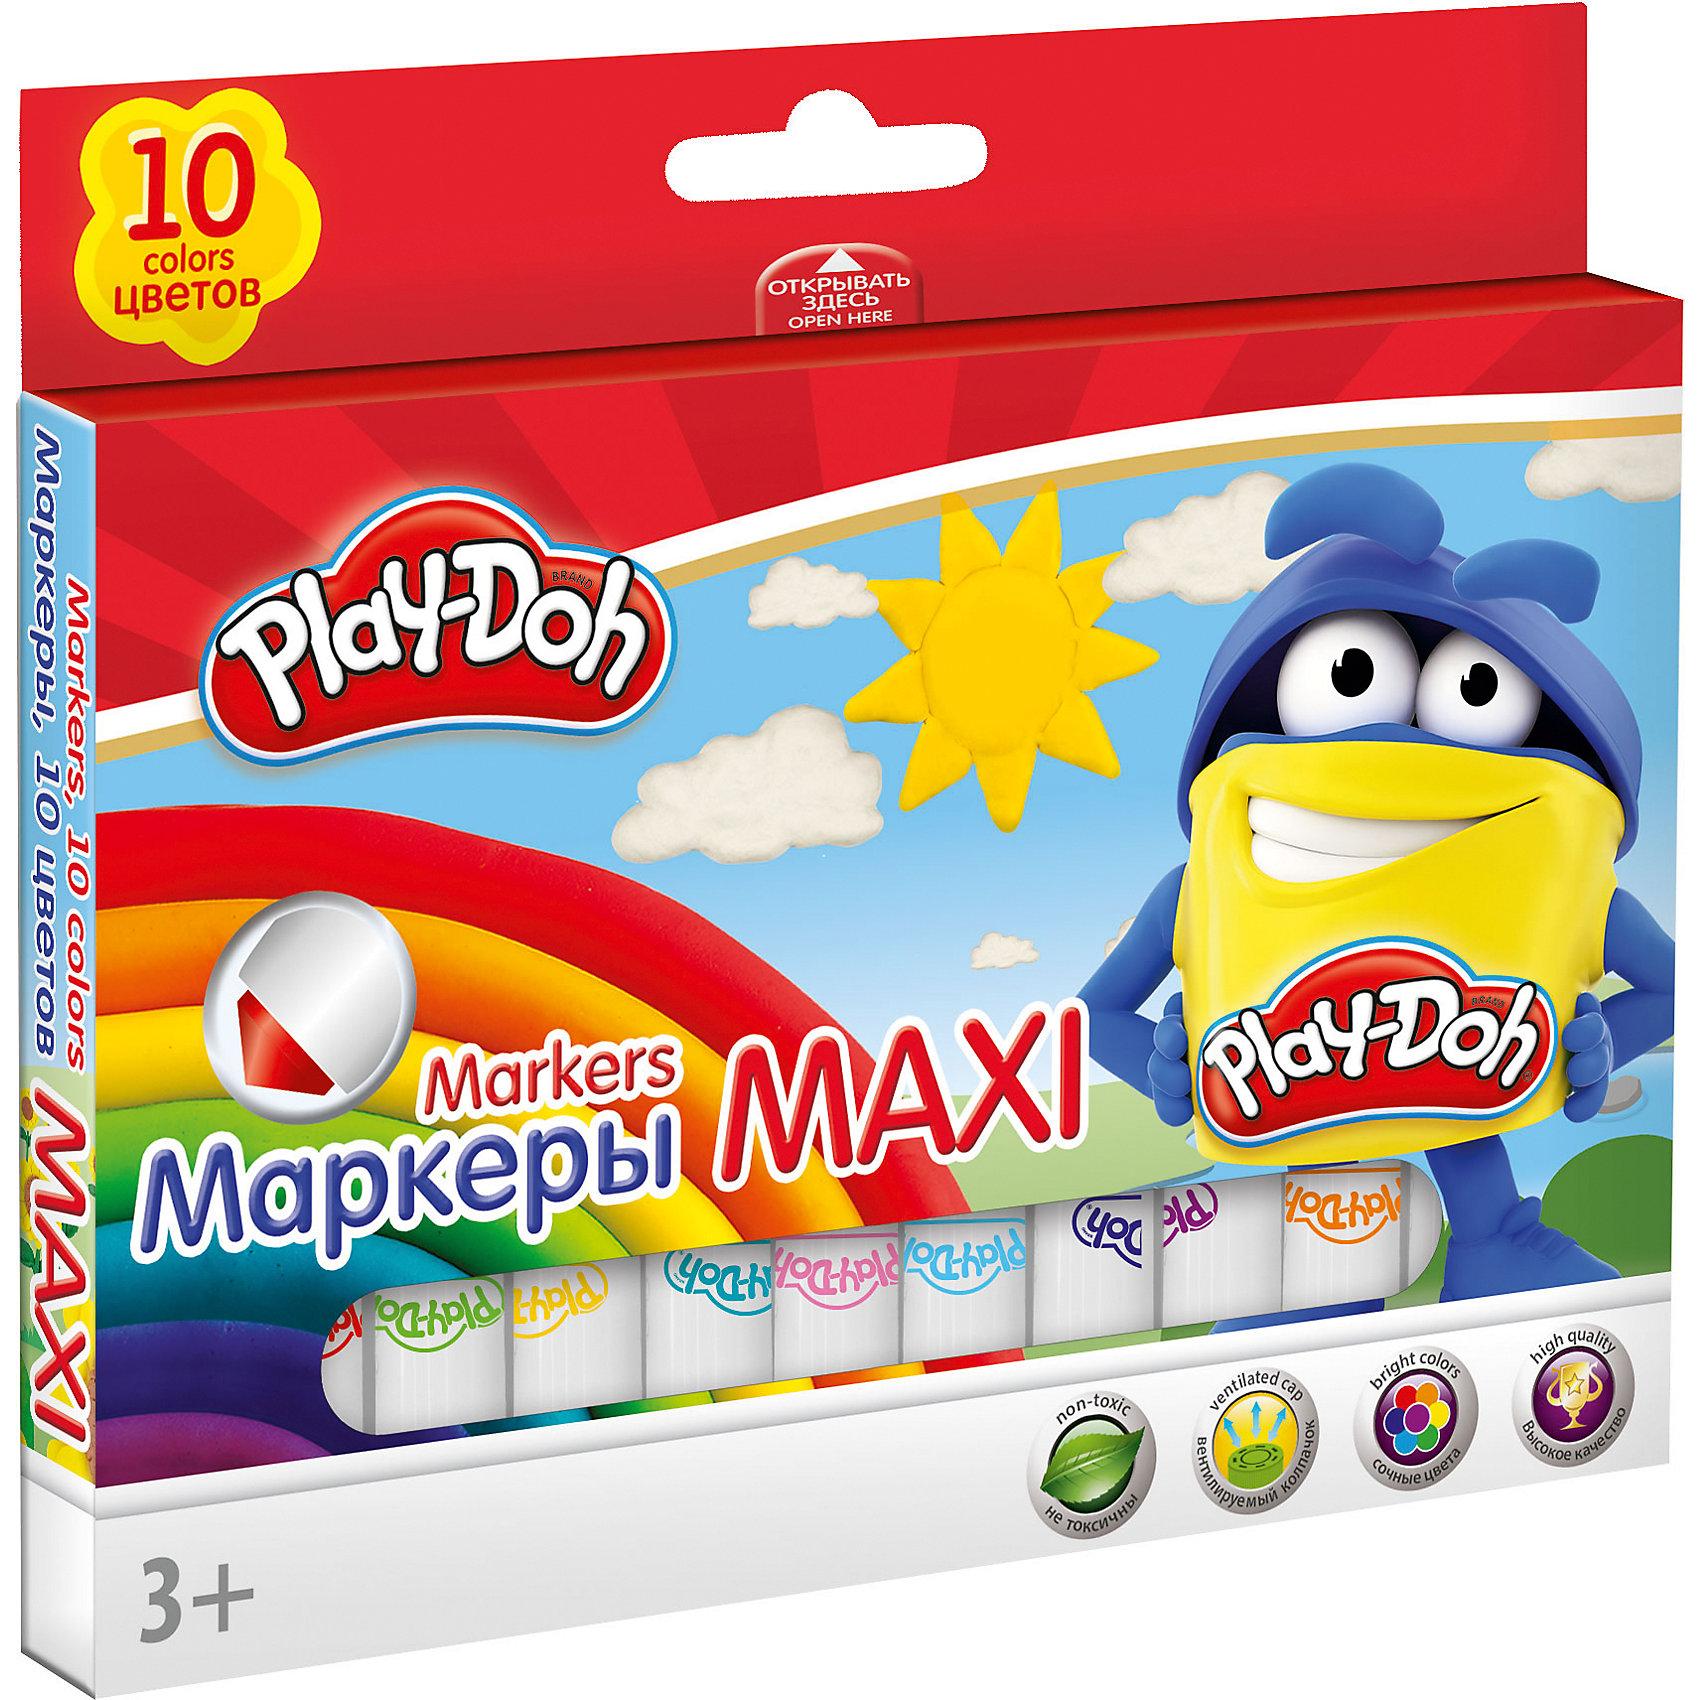 Набор фломастеров 10 шт., Play-DohПисьменные принадлежности<br>Набор фломастеров Mega Jumbo, Play-Doh, прекрасно подойдет для детского творчества, рисования и оформительских работ. Фломастеры укороченной формы обладают яркими насыщенными цветами, а прочный утолщенный наконечник позволит рисовать без проблем. Корпус<br>фломастеров изготовлен из высококачественного нетоксичного пластика, нейлоновый стержень, увеличенное содержание чернил, улучшенный пишущий узел. Набор оформлен в красочную картонную упаковку с забавным рисунком. В комплекте 10 фломастеров разных цветов с<br>вентилируемыми колпачками. Утолщенная форма корпуса прививает навык правильно держать пишущий инструмент. Рисование развивает мелкую моторику, воображение, фантазию, а также творческие навыки.<br><br><br>Дополнительная информация:<br><br>- Количество фломастеров: 10 шт.<br>- Материал: пластик. <br>- Толщина стержня: 7,5 мм.<br>- Размер упаковки: 15,5 х 1,5 х 15,5 см.<br>- Вес: 108 гр.<br><br>Набор фломастеров 10 шт., Play-Doh, можно купить в нашем интернет-магазине.<br><br>Ширина мм: 105<br>Глубина мм: 155<br>Высота мм: 15<br>Вес г: 108<br>Возраст от месяцев: 36<br>Возраст до месяцев: 72<br>Пол: Унисекс<br>Возраст: Детский<br>SKU: 4681186